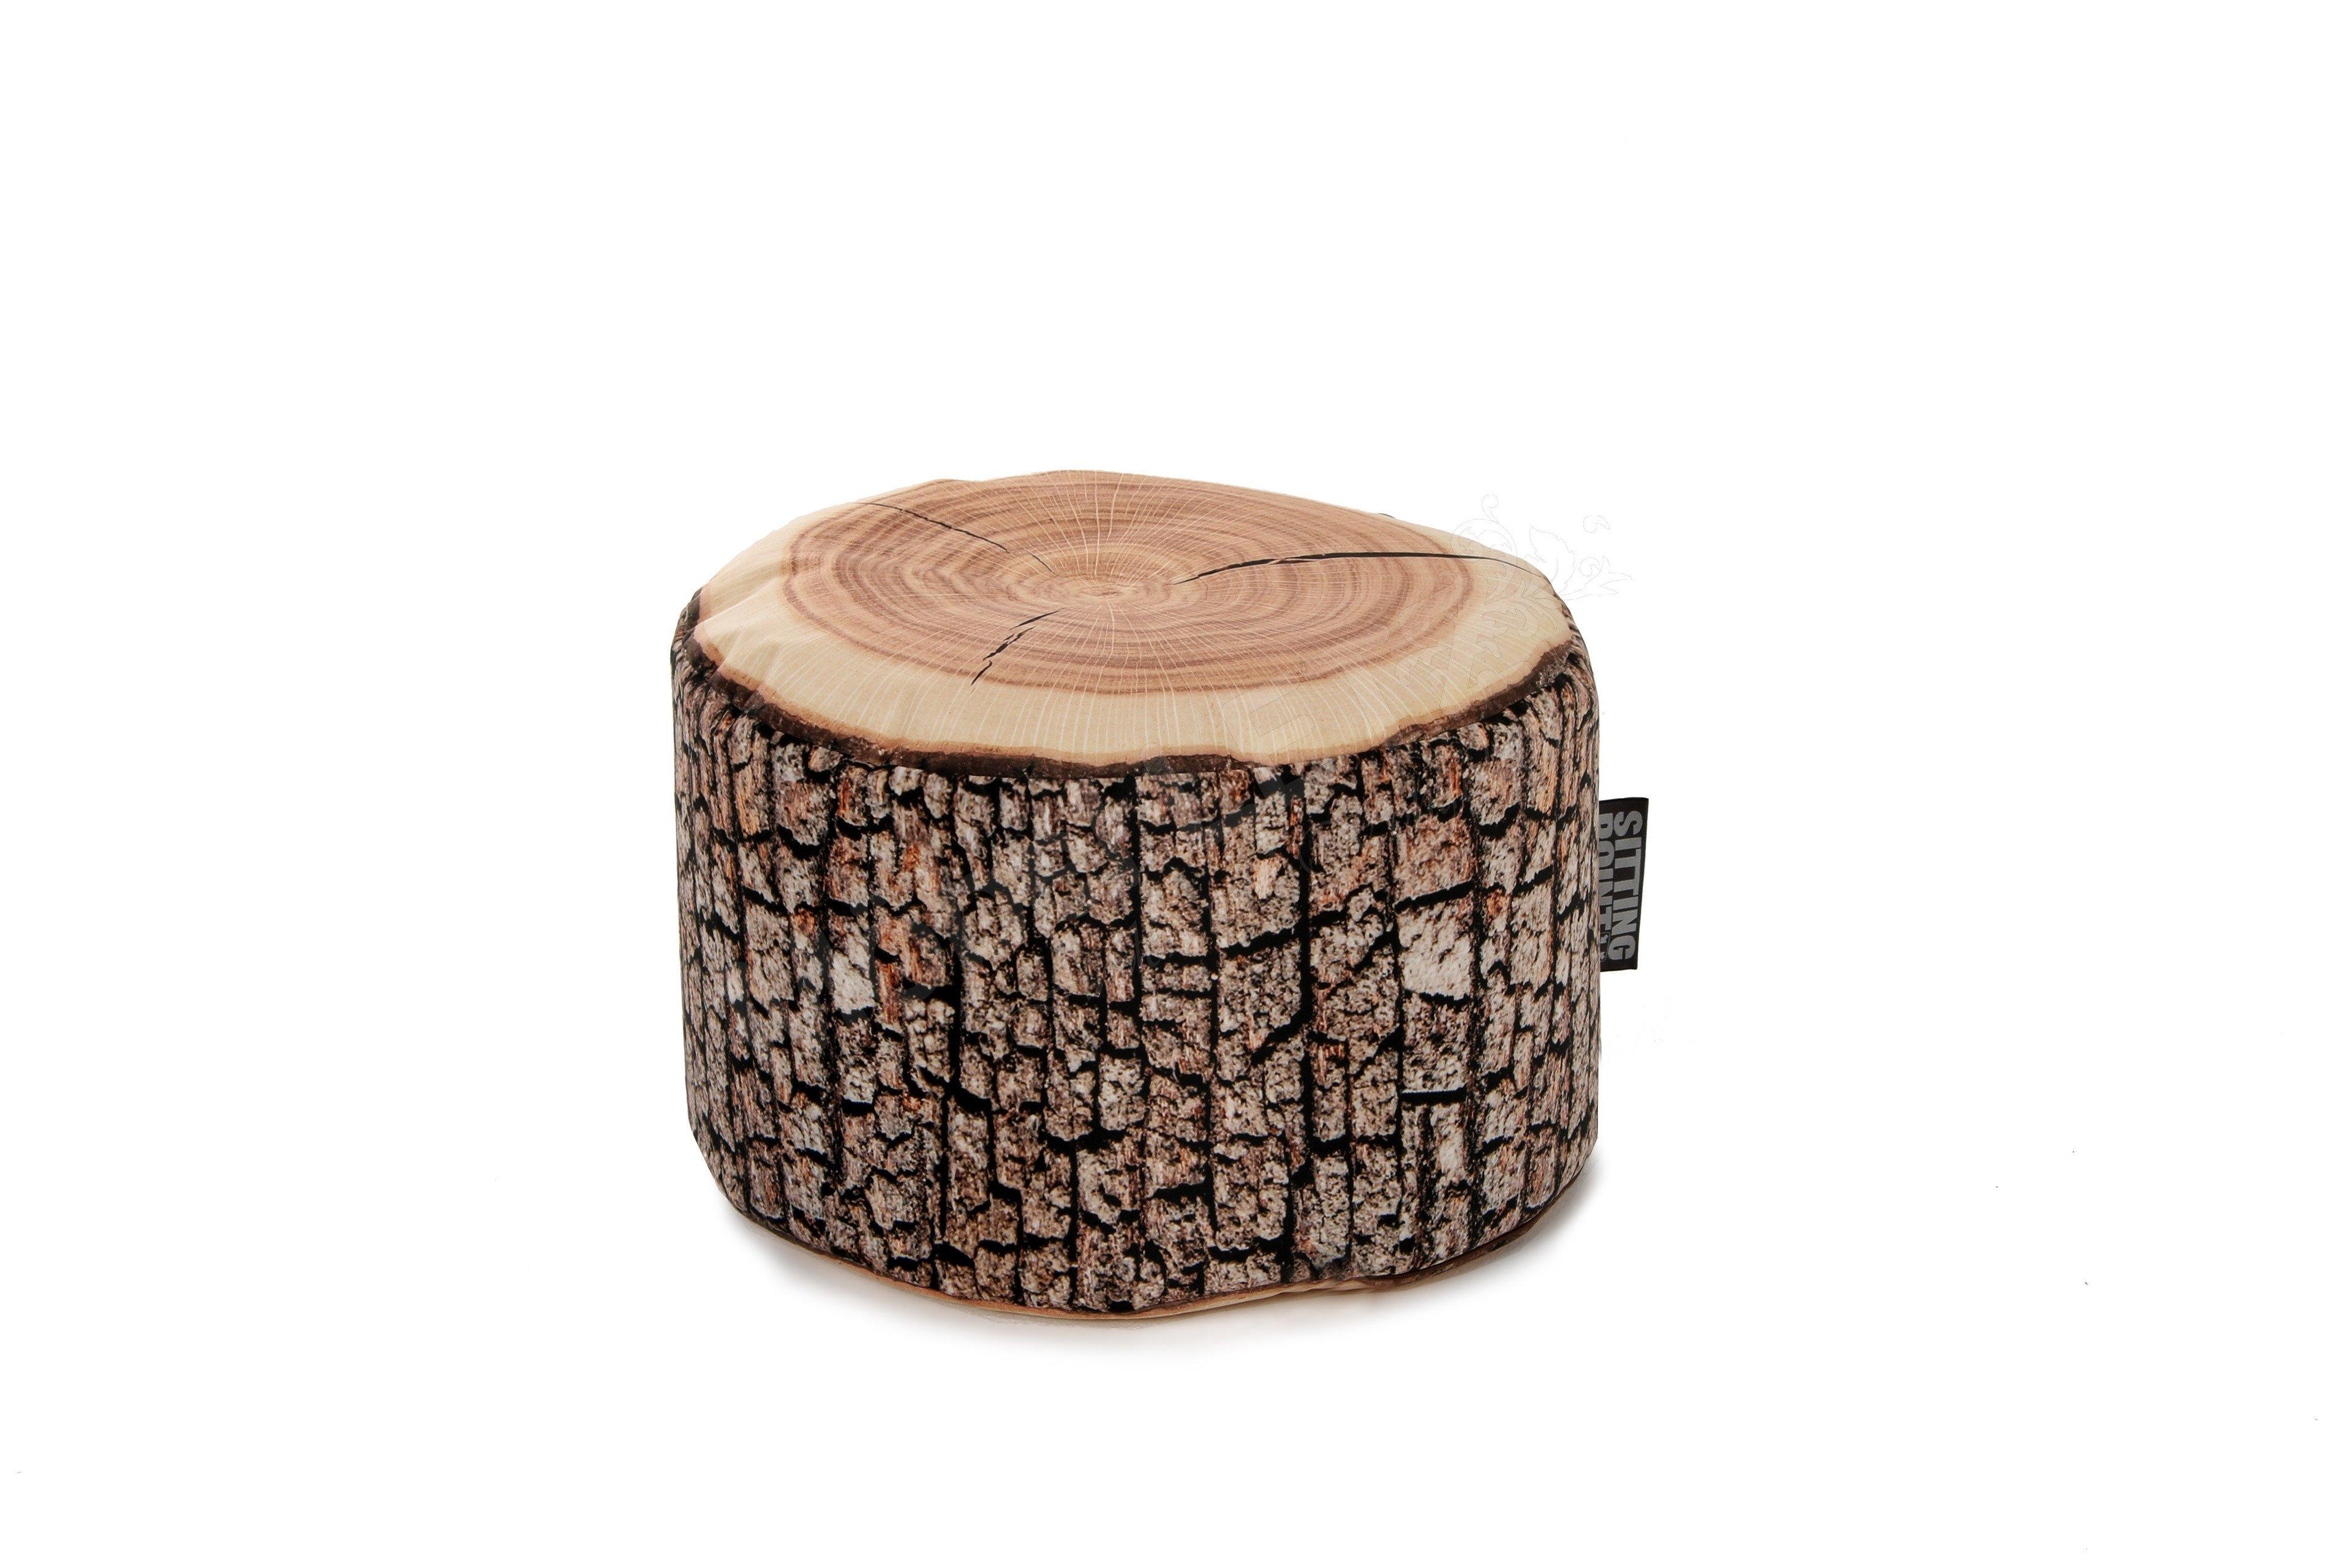 sitzsack dotcom wood von magma heimtex im baumstamm design m bel letz ihr online shop. Black Bedroom Furniture Sets. Home Design Ideas